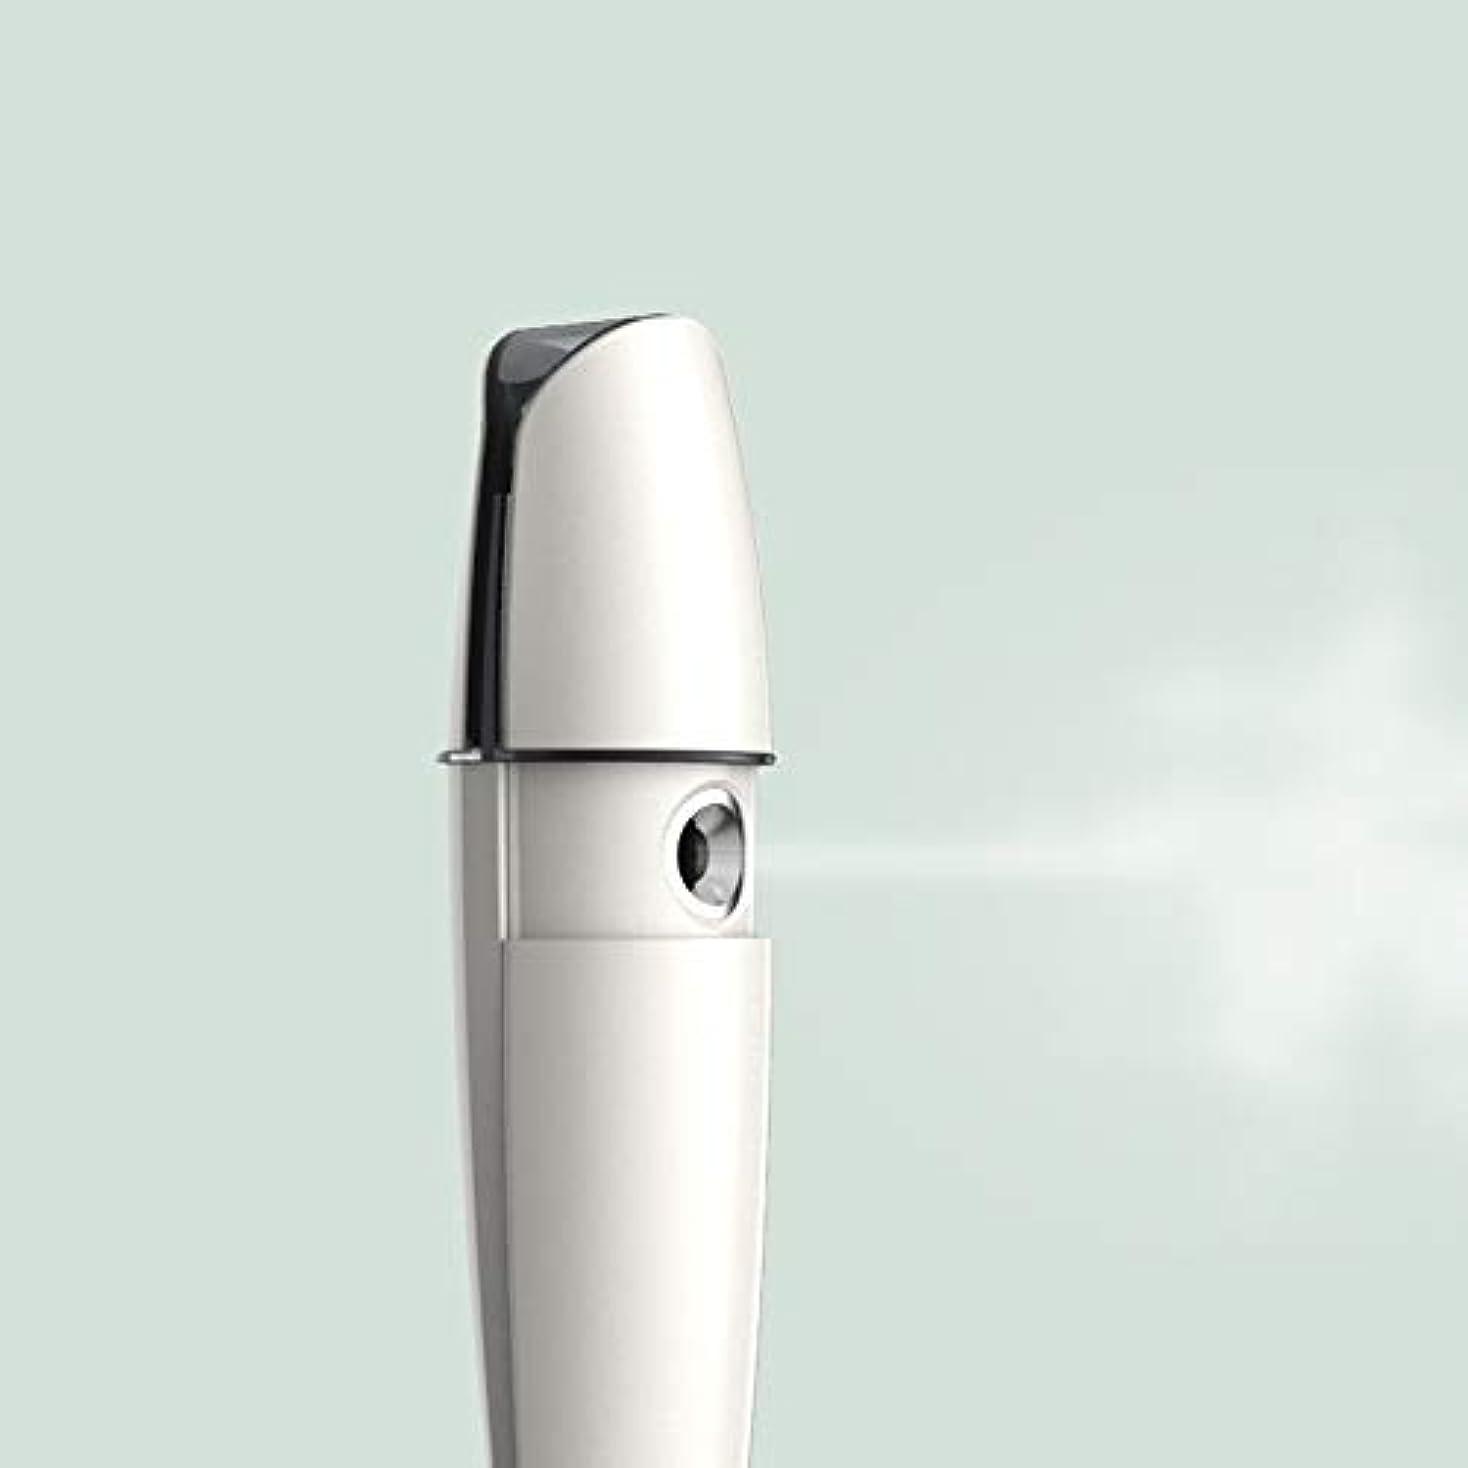 ZXF 充電式コールドスプレー機家庭用スチームフェイス美容機器ナノスプレーフェイス加湿水道メーターホワイトABS素材 滑らかである